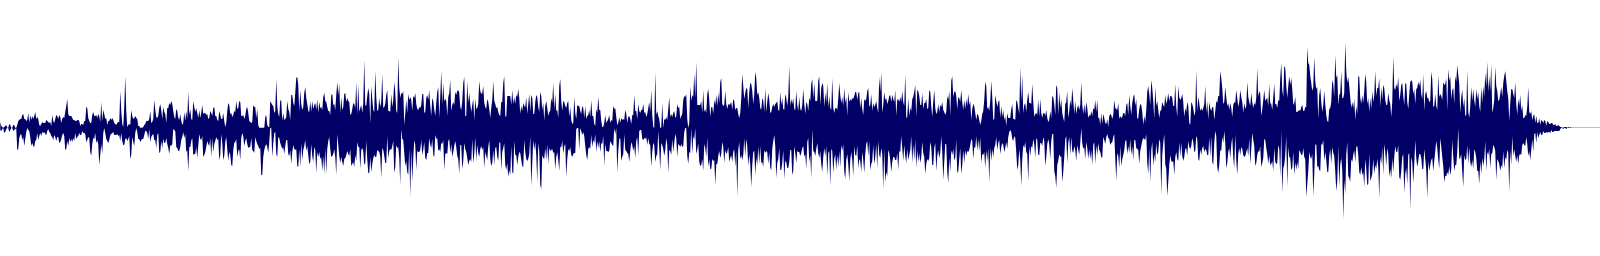 waveform of track #117362